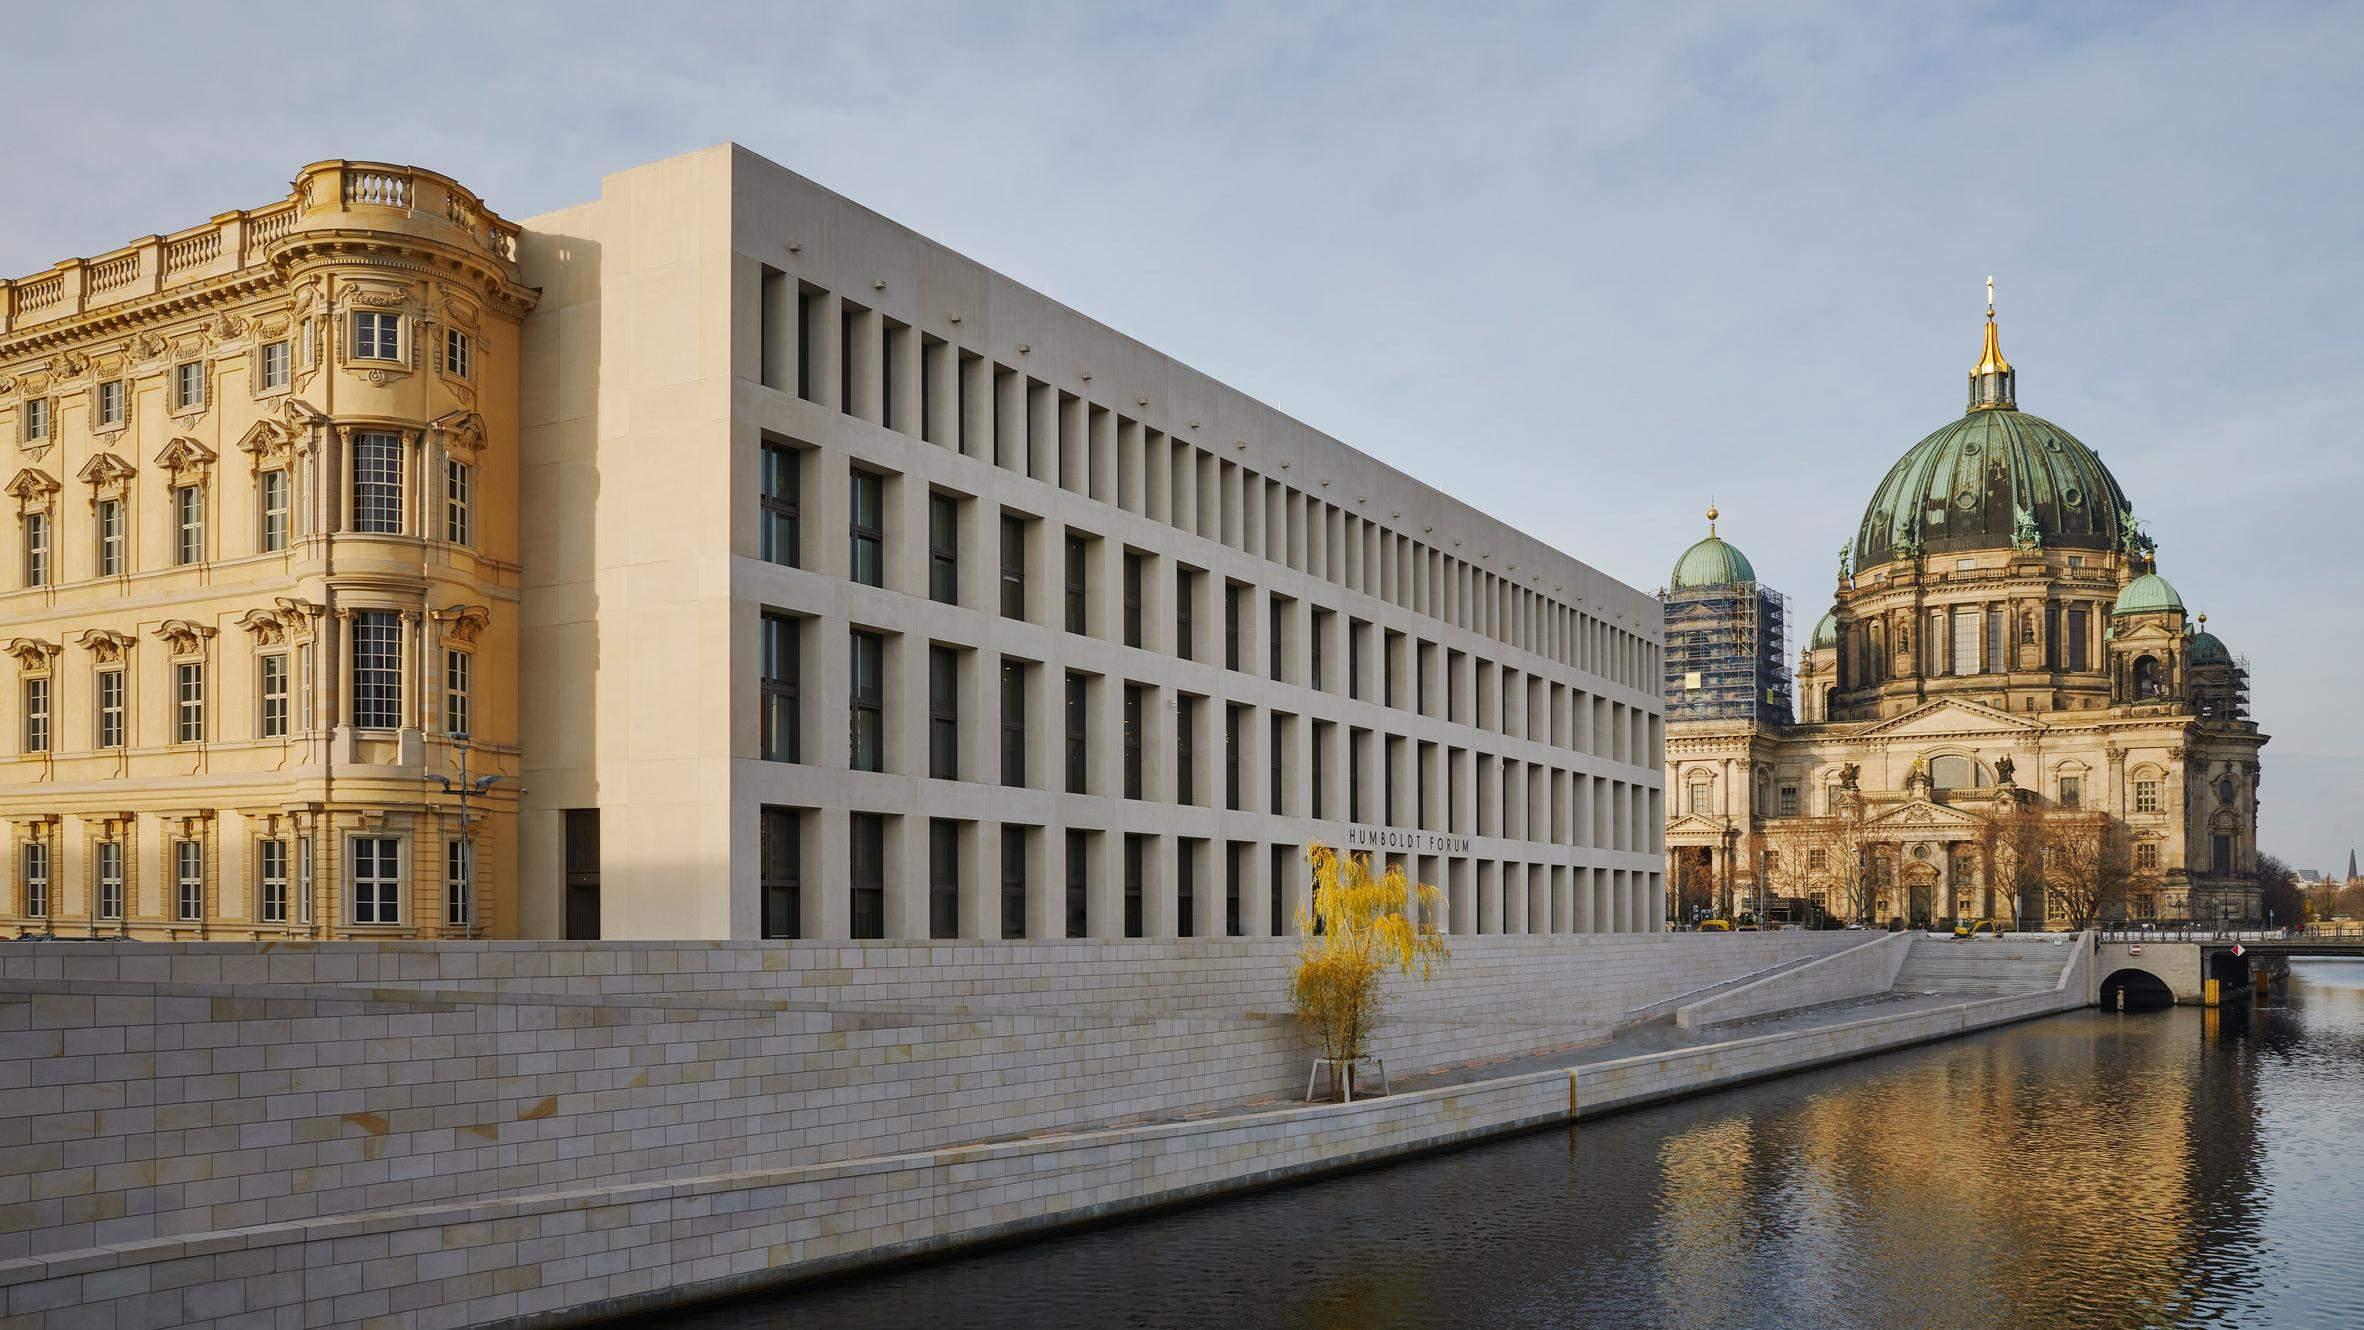 Будівництво форуму Гумбольдта розпочалося у 2012 році / Фото Dezeen